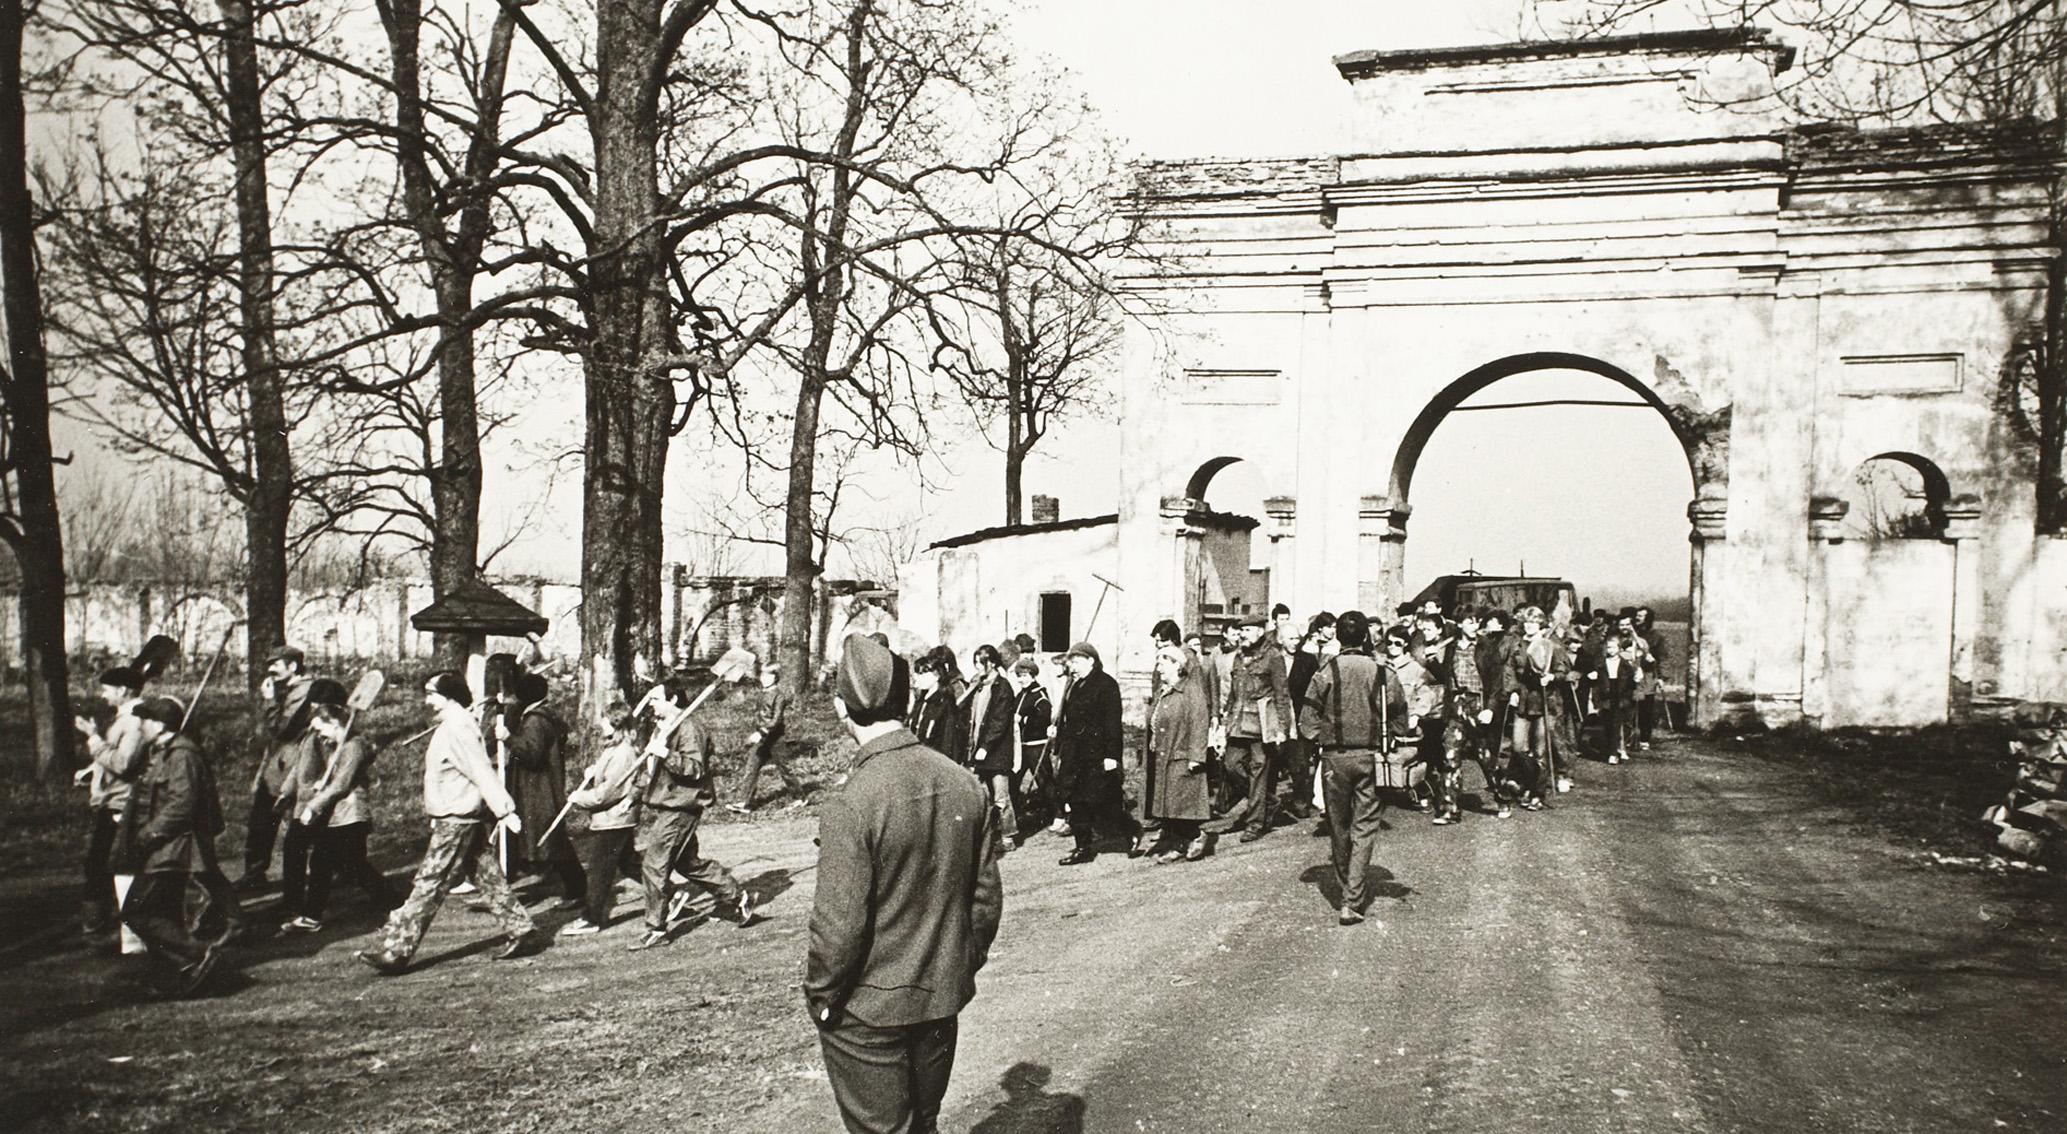 Talgulised saabuvad Raadi mõisapargi korrastustöödele. Foto: Jüri Karm